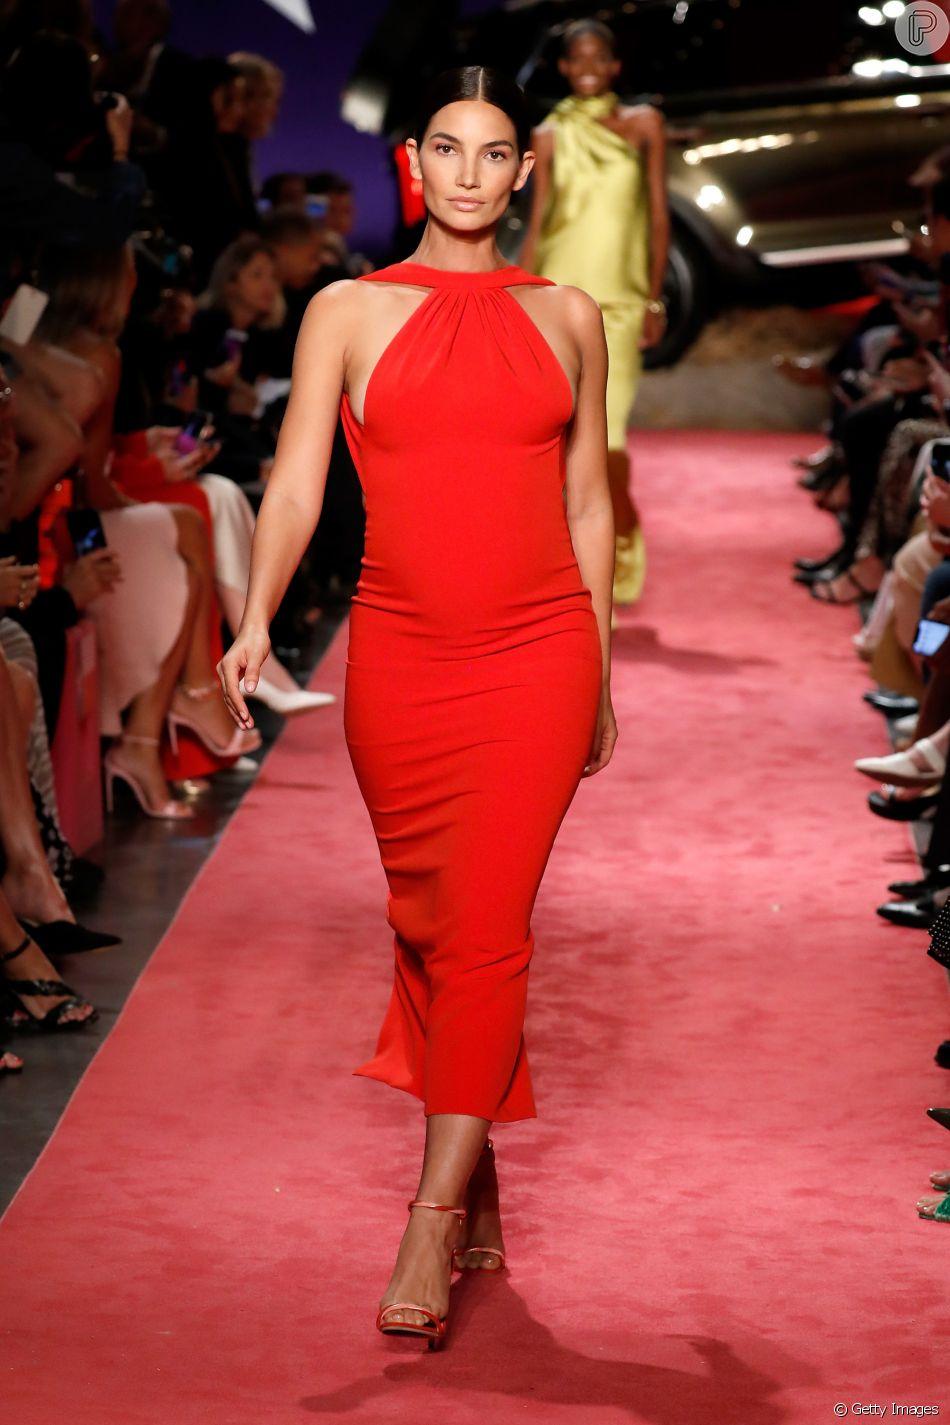 As cores na Semana de Moda de Nova York (o evento vaia té 14 de setembro de 2018). Grávida, a top Lily Aldridge desficou um modelo mídi em vermelho para Brandon Maxwell